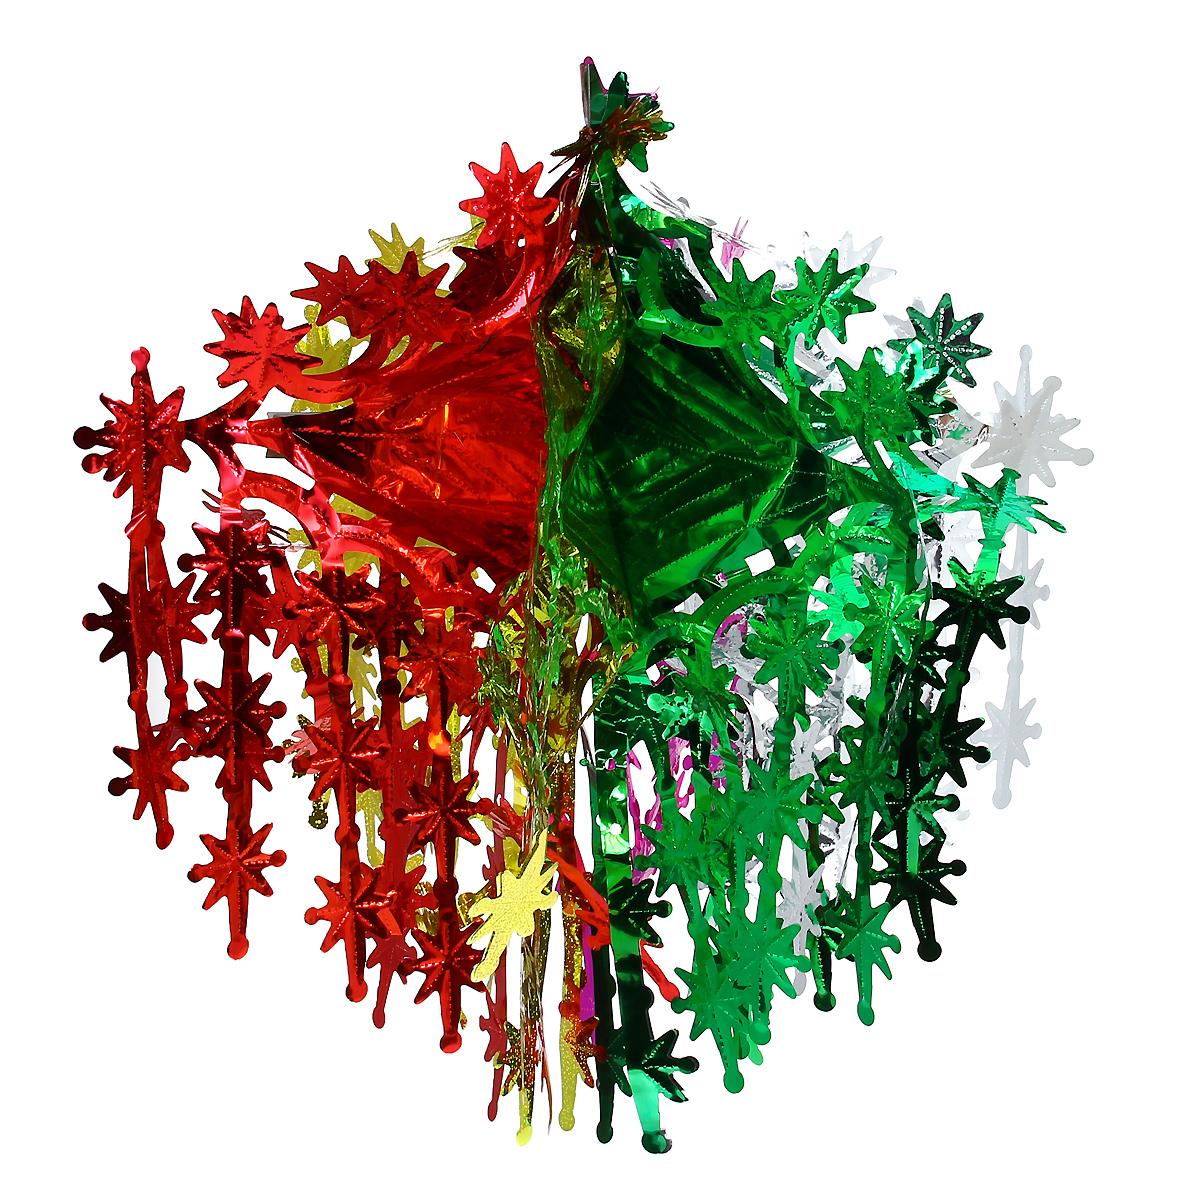 Новогодняя гирлянда Невероятные вензеля, цвет: мульти, 24 х 50 см 3438734387Новогодняя гирлянда прекрасно подойдет для декора дома или офиса. Украшение выполнено из разноцветной металлизированной фольги. С помощью специальных петелек гирлянду можно повесить в любом понравившемся вам месте. Украшение легко складывается и раскладывается. Новогодние украшения несут в себе волшебство и красоту праздника. Они помогут вам украсить дом к предстоящим праздникам и оживить интерьер по вашему вкусу. Создайте в доме атмосферу тепла, веселья и радости, украшая его всей семьей.